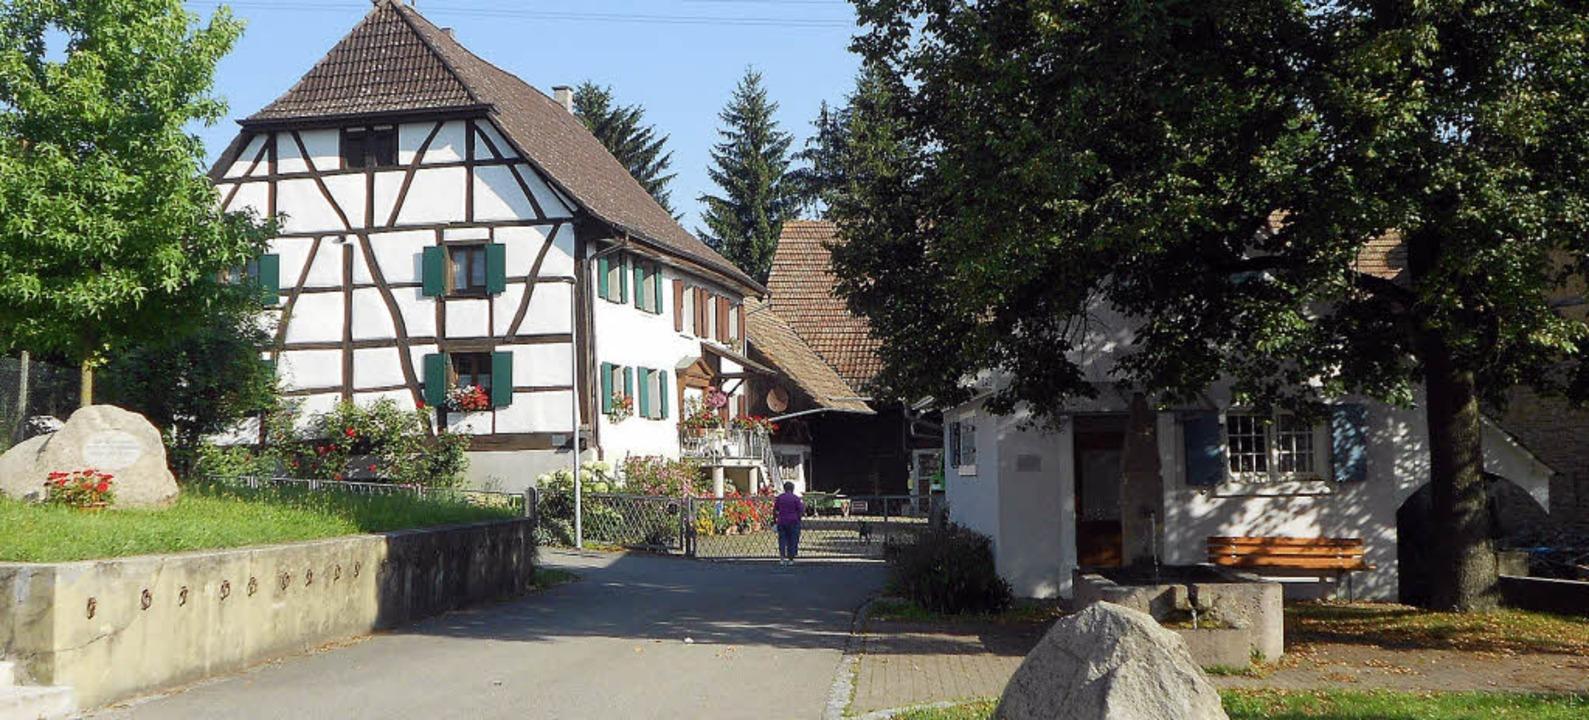 Beschaulich: Die Welmlinger Ortsmitte.  | Foto: Victoria Langelott